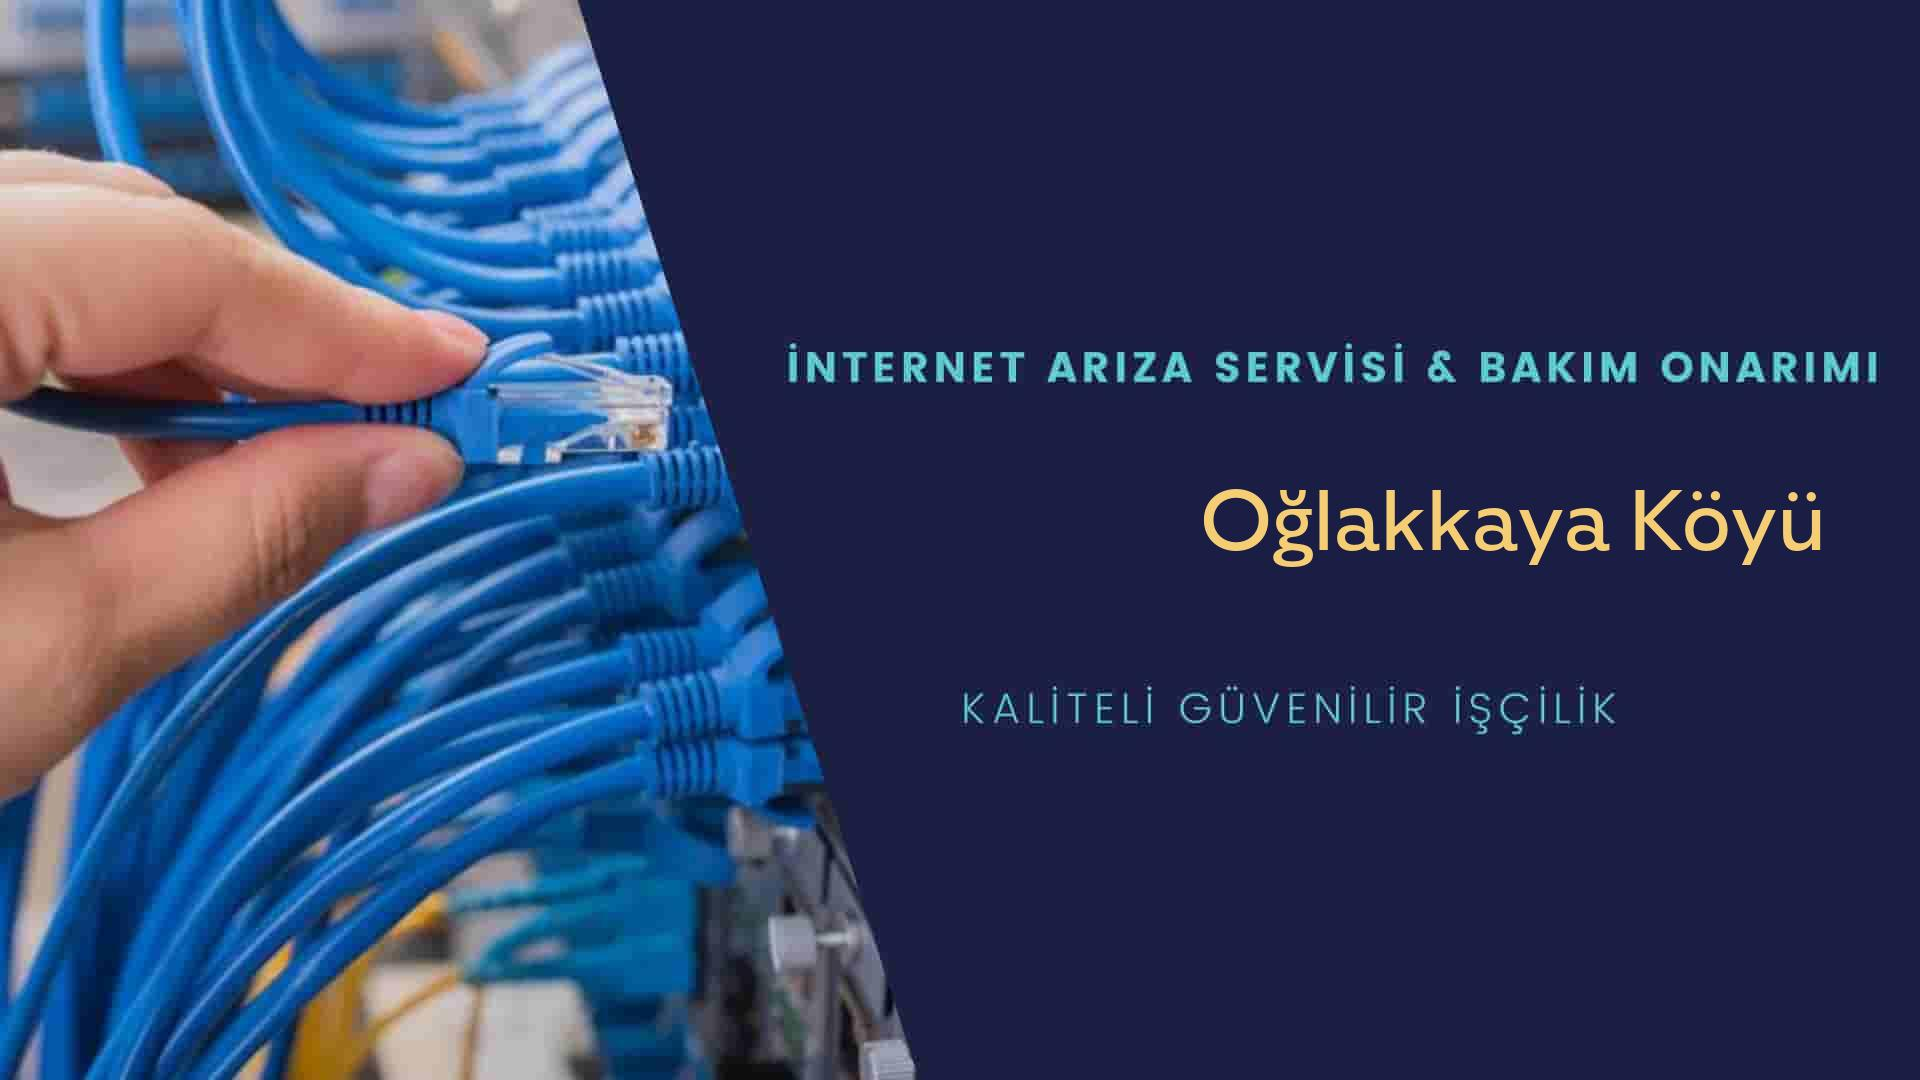 Oğlakkaya Köyü internet kablosu çekimi yapan yerler veya elektrikçiler mi? arıyorsunuz doğru yerdesiniz o zaman sizlere 7/24 yardımcı olacak profesyonel ustalarımız bir telefon kadar yakındır size.